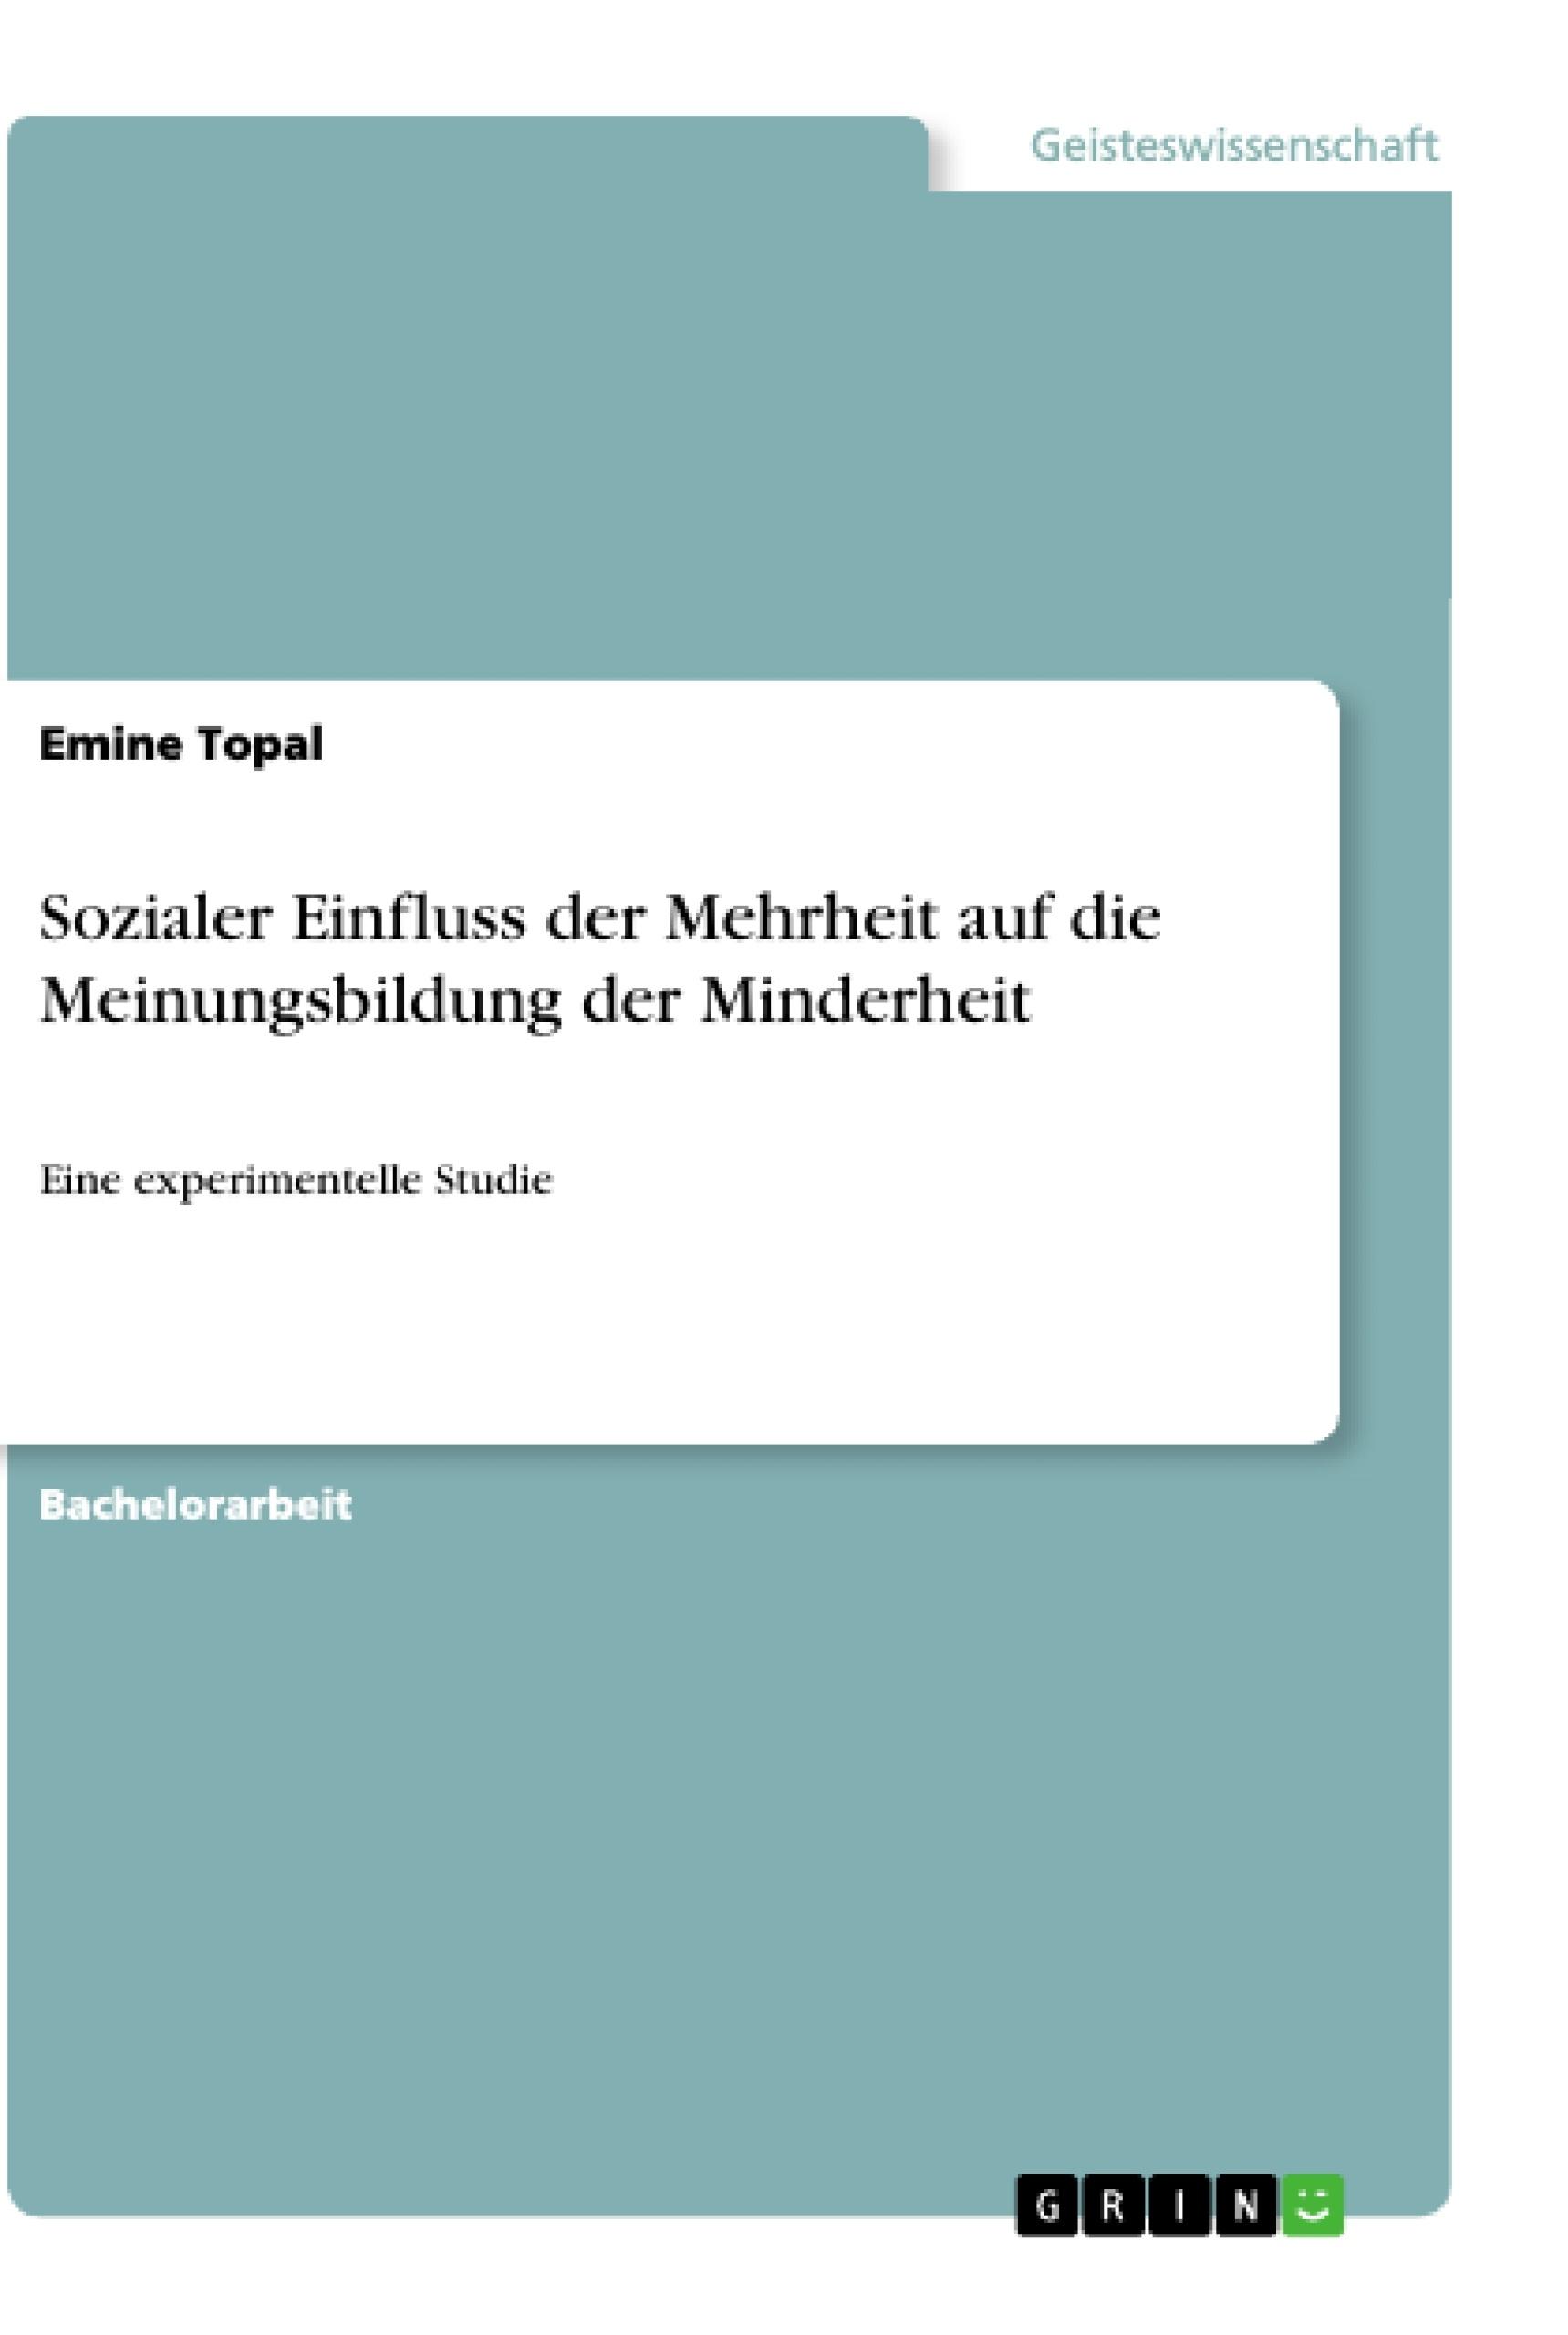 Titel: Sozialer Einfluss der Mehrheit auf die Meinungsbildung der Minderheit